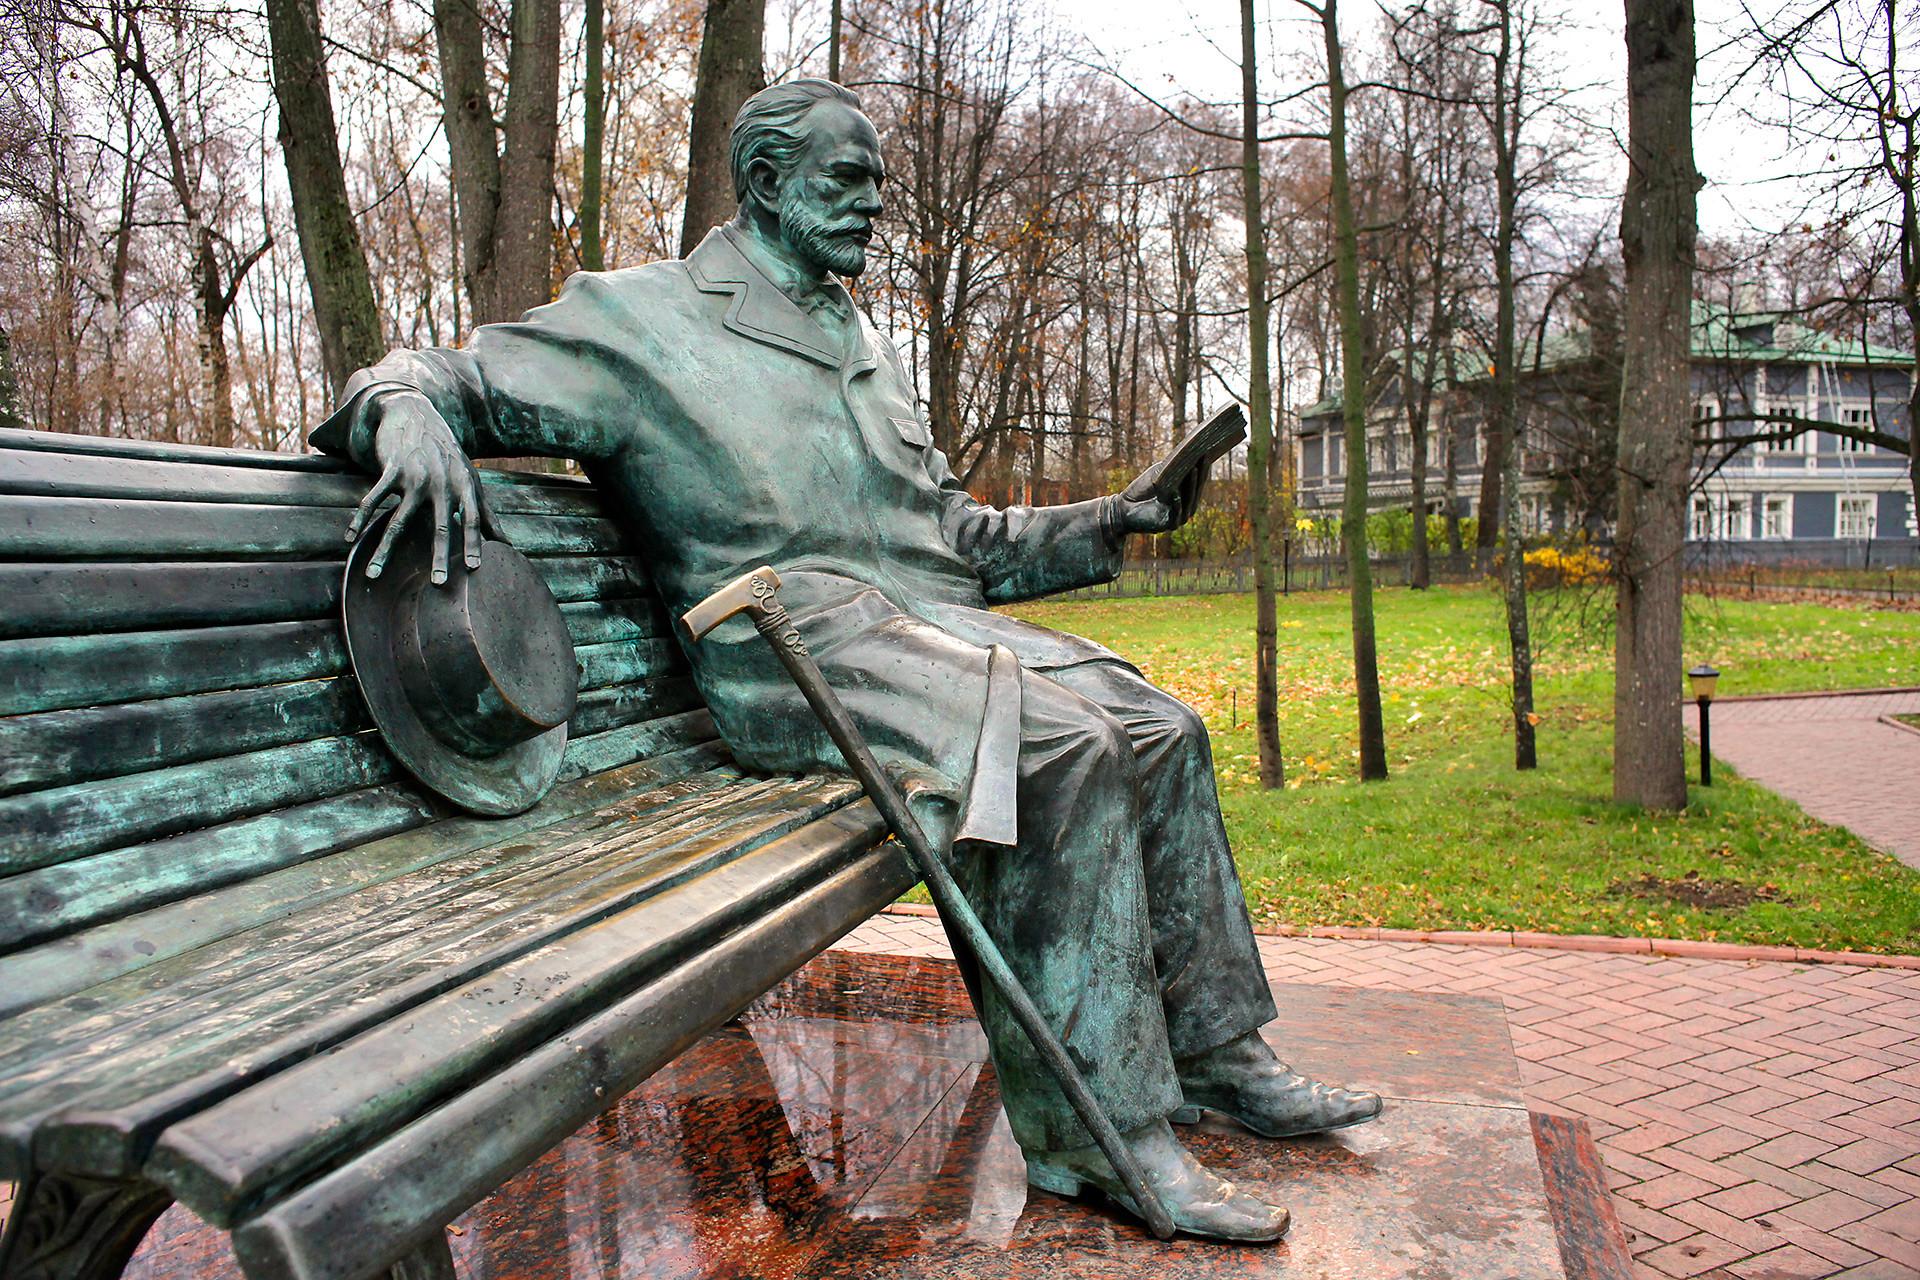 Monumento a Pyotr Tchaikovsky nella città di Klin